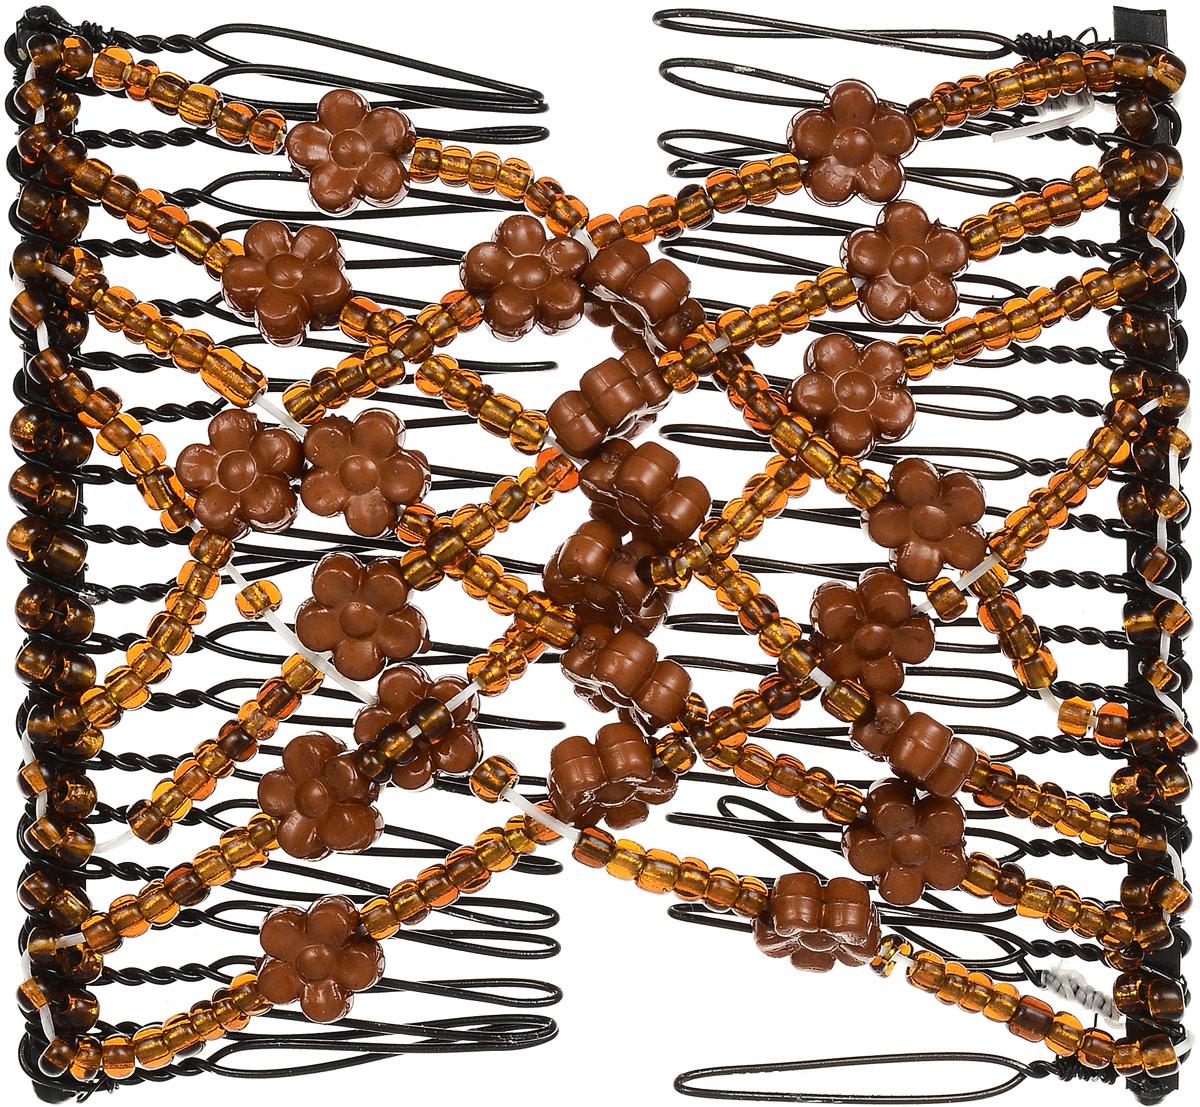 EZ-Combs Заколка Изи-Комбс, одинарная, цвет: коричневый. ЗИО_цветочкиЗИО_коричневый, цветочкиУдобная и практичная EZ-Combs подходит для любого типа волос: тонких, жестких, вьющихся или прямых, и не наносит им никакого вреда. Заколка не мешает движениям головы и не создает дискомфорта, когда вы отдыхаете или управляете автомобилем. Каждый гребень имеет по 20 зубьев для надежной фиксации заколки на волосах! И даже во время бега и интенсивных тренировок в спортзале EZ-Combs не падает; она прочно фиксирует прическу, сохраняя укладку в первозданном виде. Небольшая и легкая заколка для волос EZ-Combs поместится в любой дамской сумочке, позволяя быстро и без особых усилий создавать неповторимые прически там, где вам это удобно. Гребень прекрасно сочетается с любой одеждой: будь это классический или спортивный стиль, завершая гармоничный облик современной леди. И неважно, какой образ жизни вы ведете, если у вас есть EZ-Combs, вы всегда будете выглядеть потрясающе.